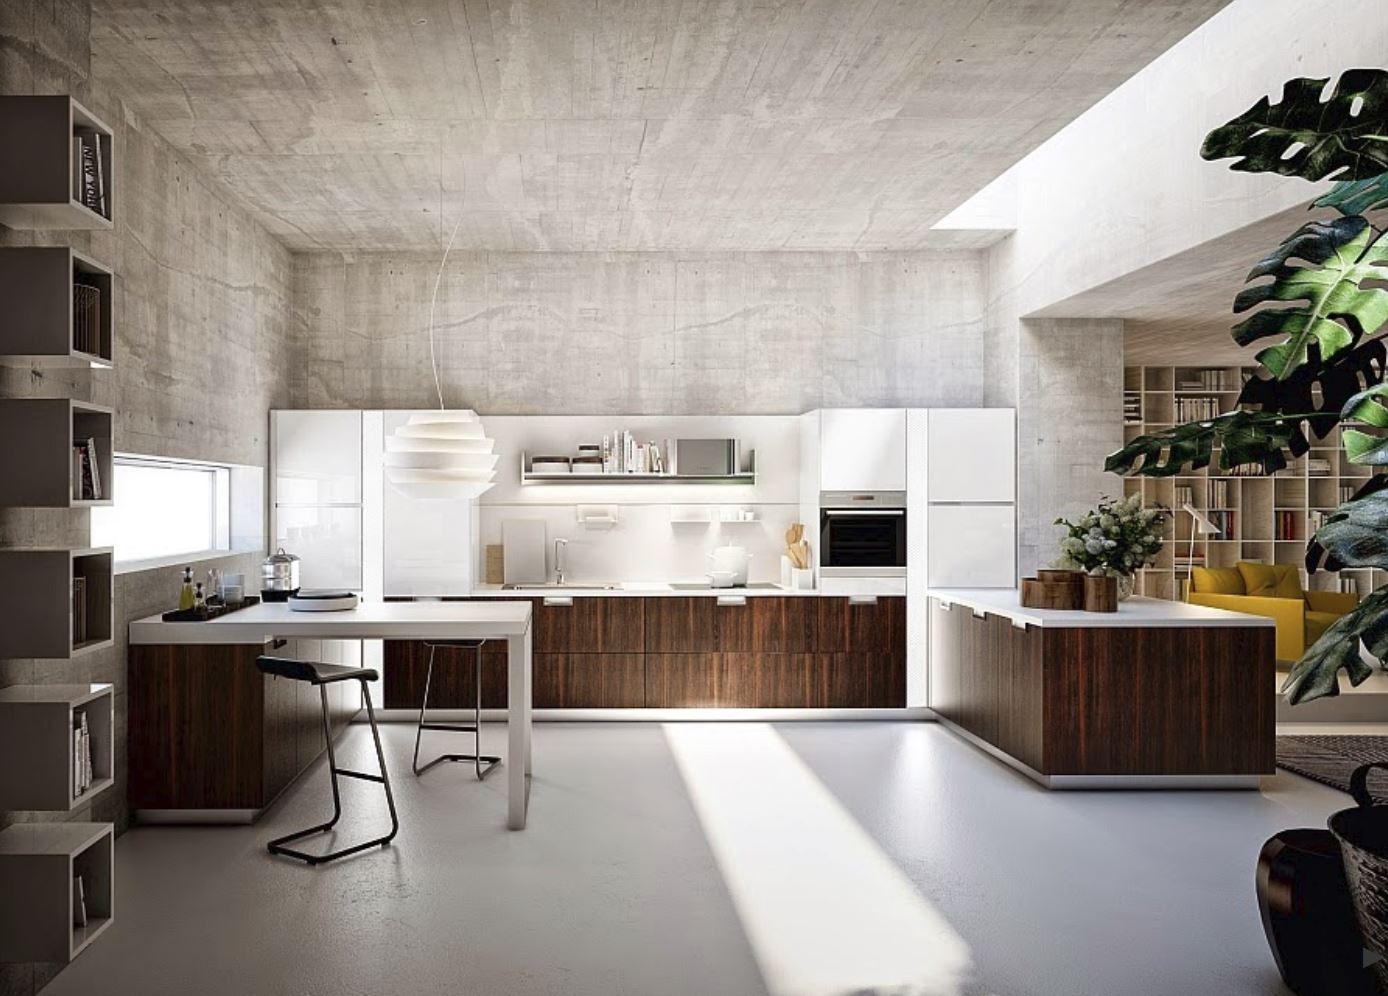 Cocinas modernas baratas cocinas modernas baratas with - Cocinas ikea baratas ...